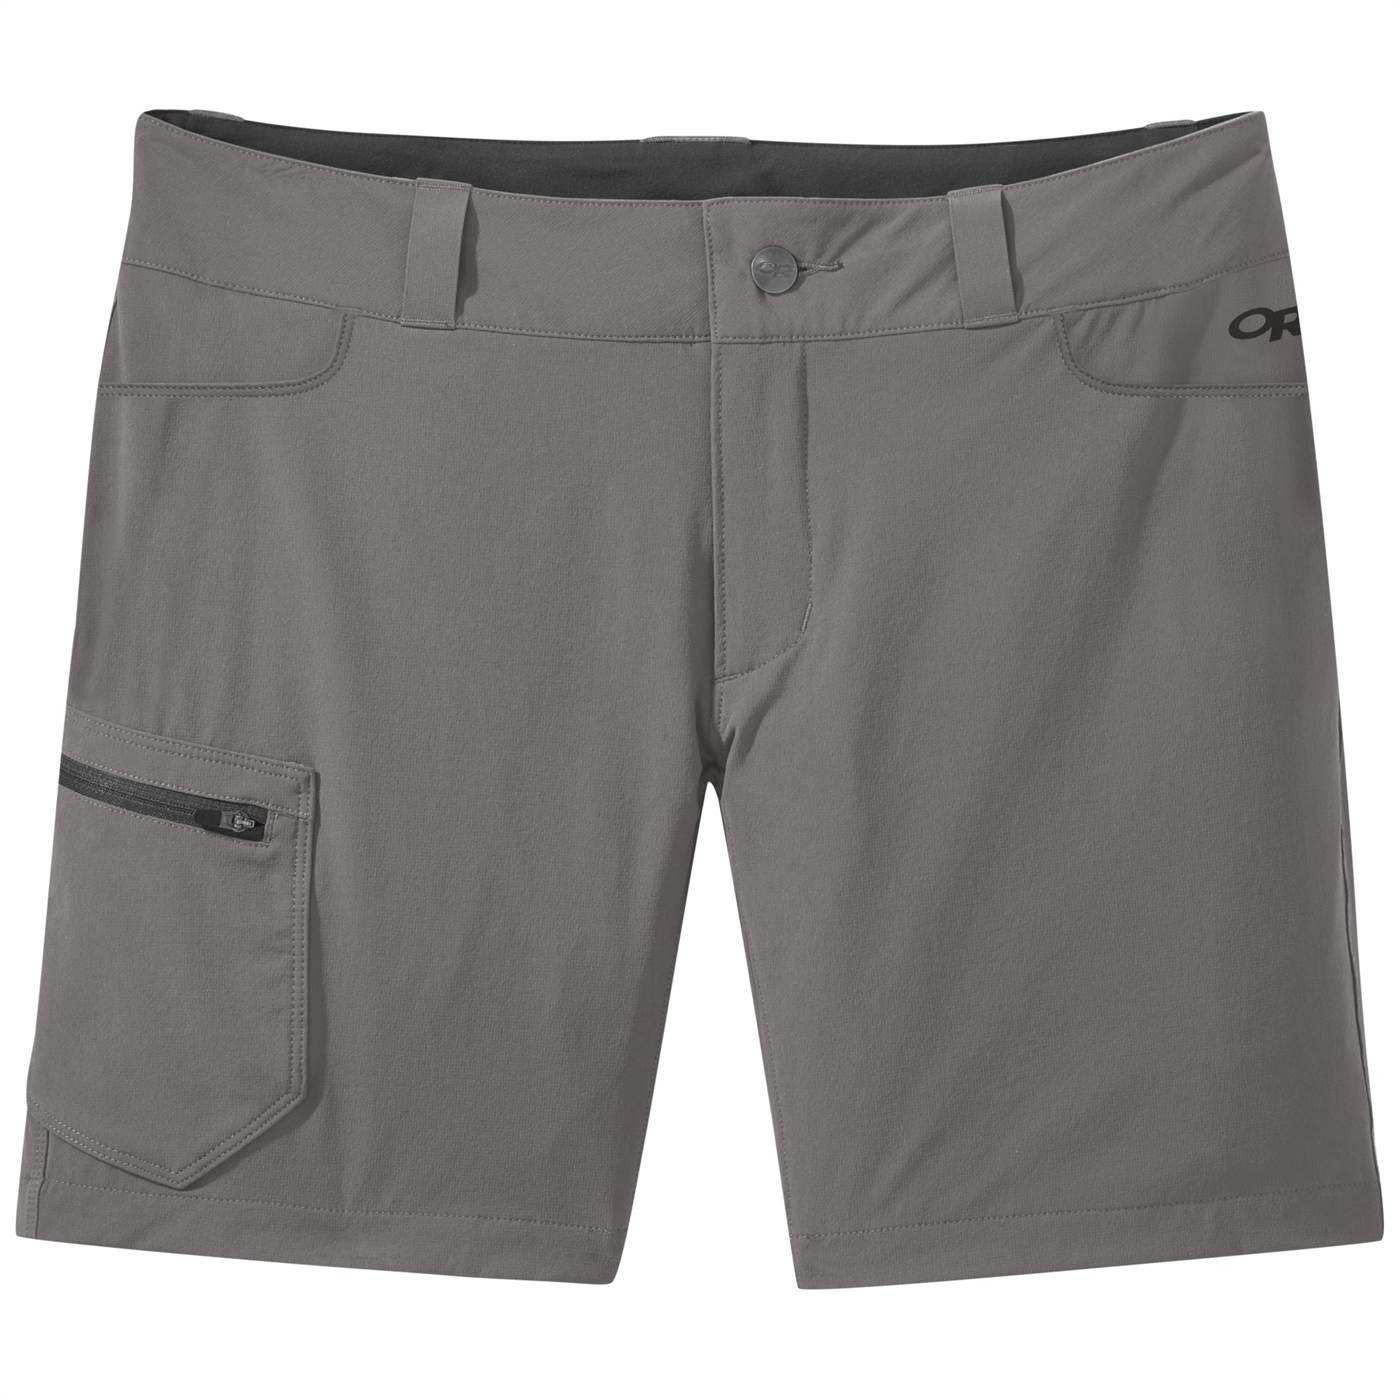 Ferrosi Shorts 7 in - Women's